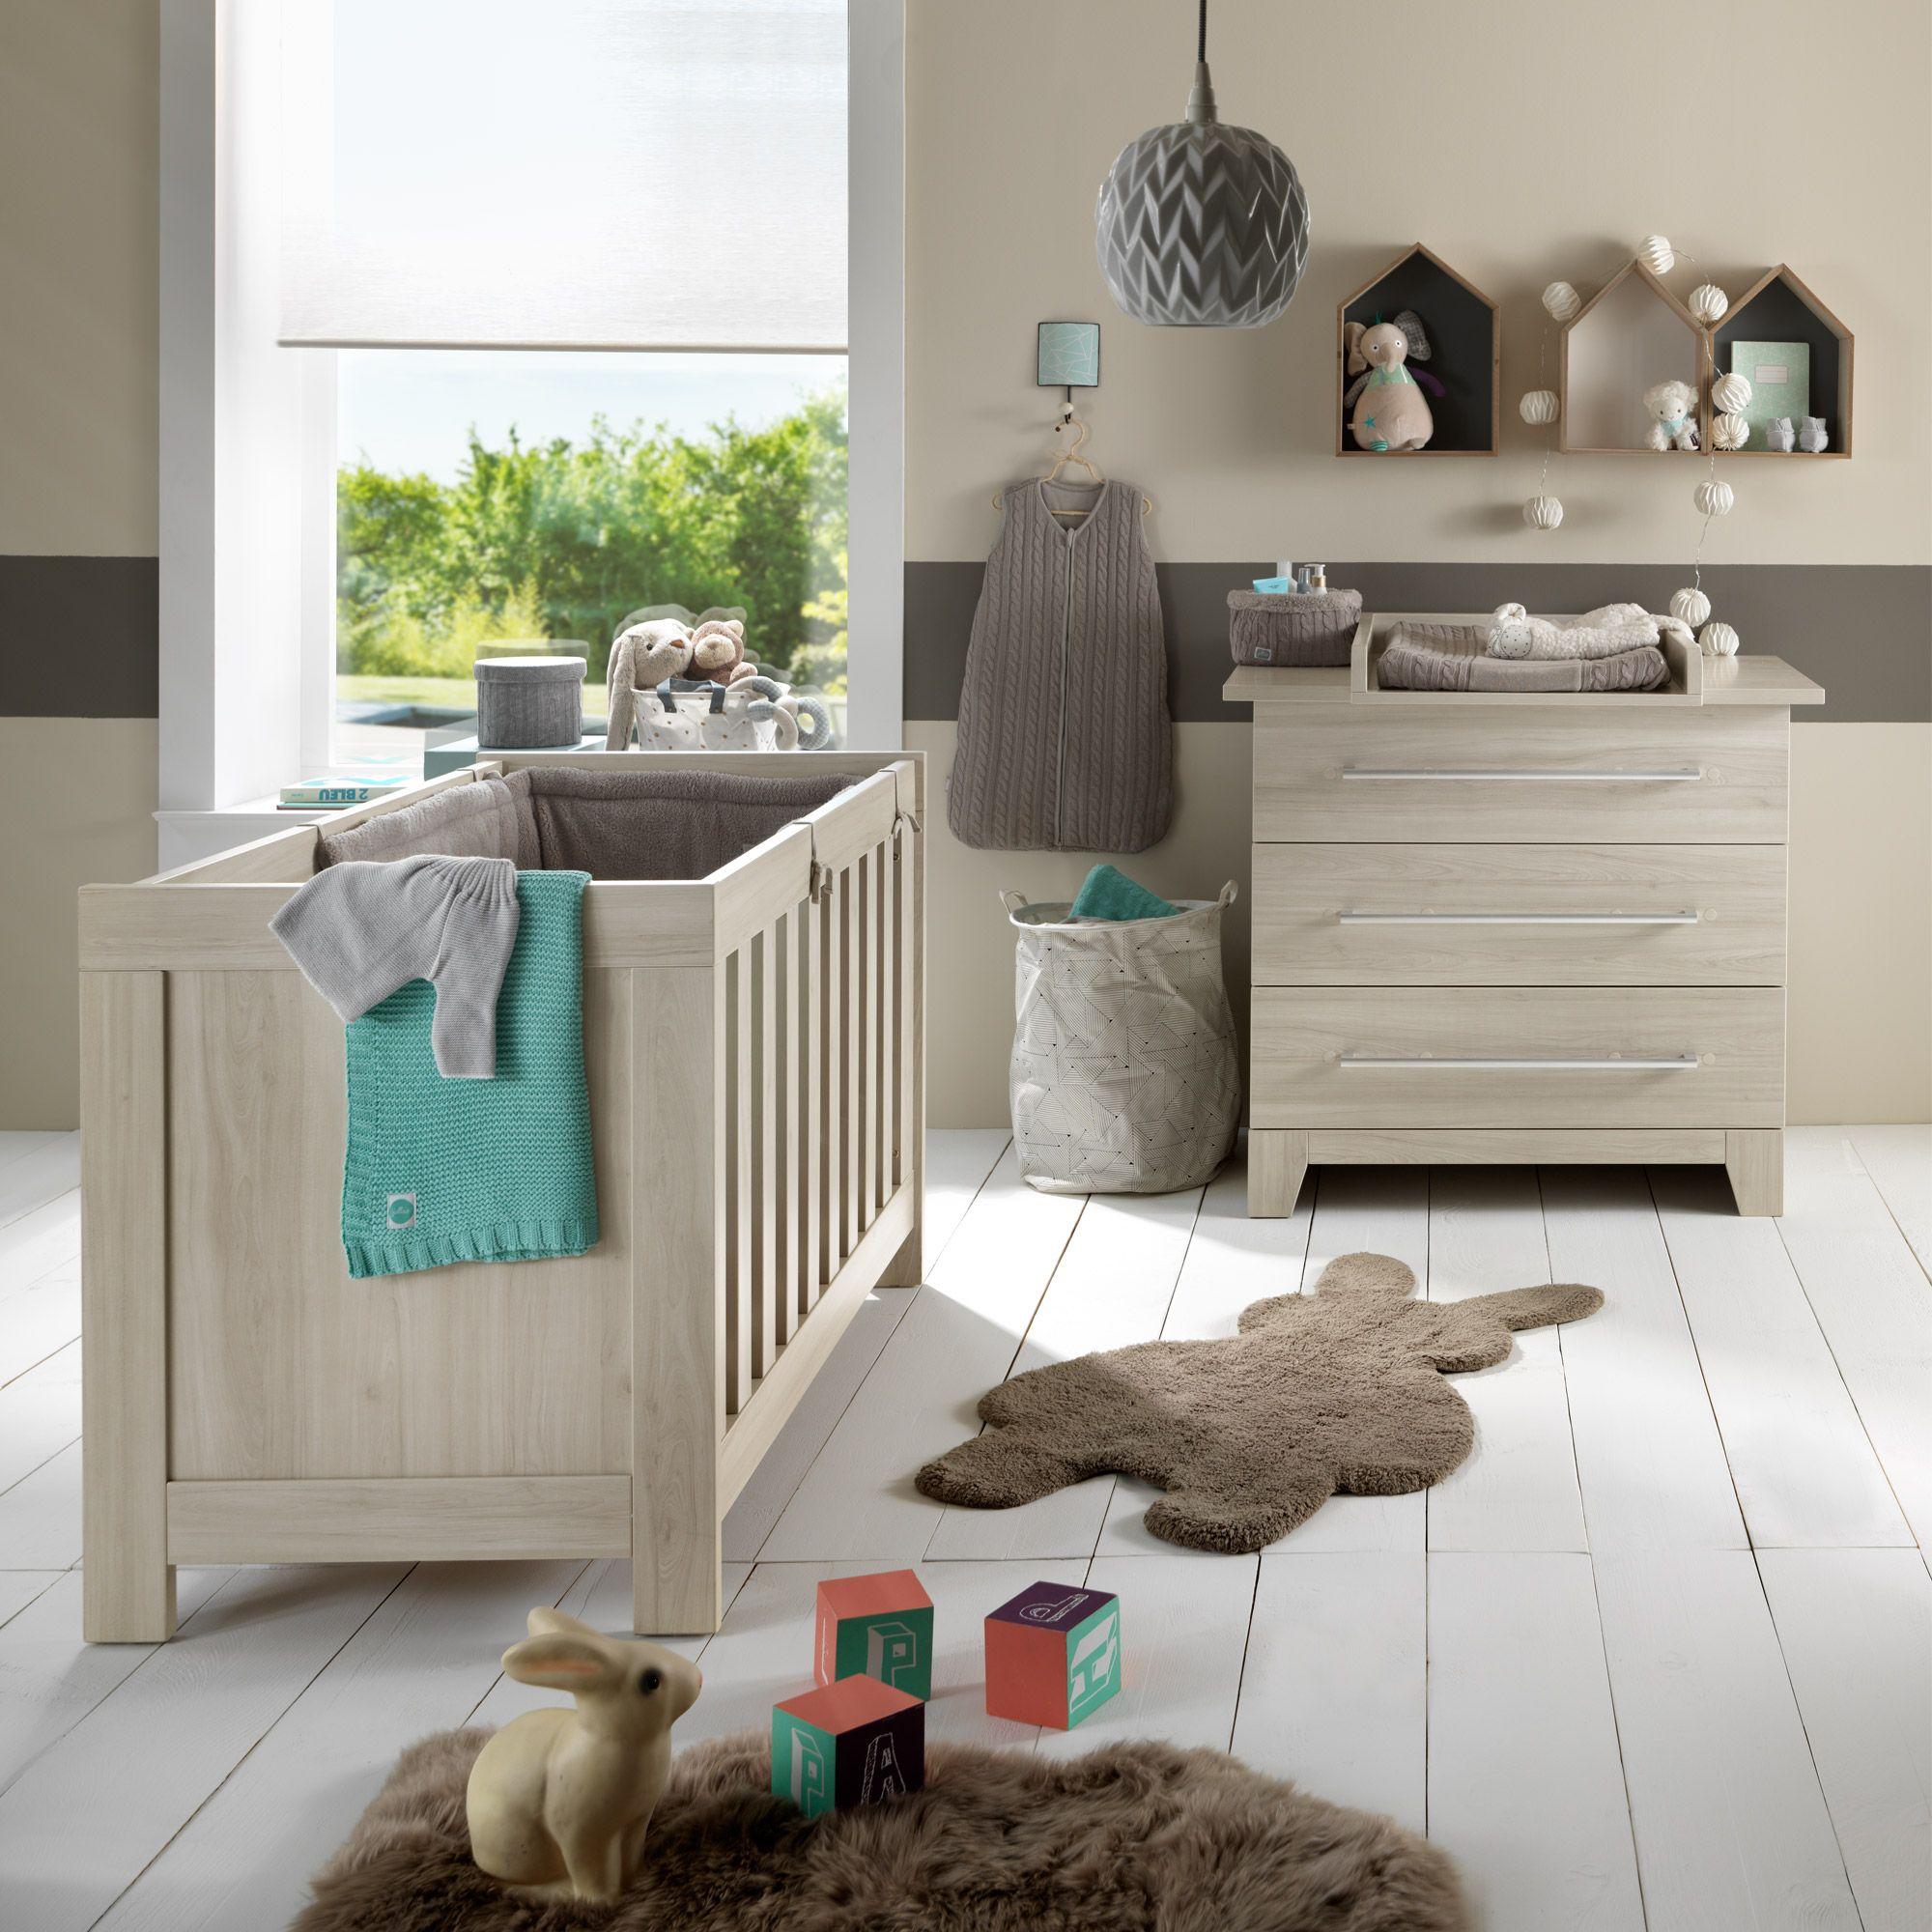 Chambre London, Chambres contemporaines : Aubert | Chambre de bébé ...